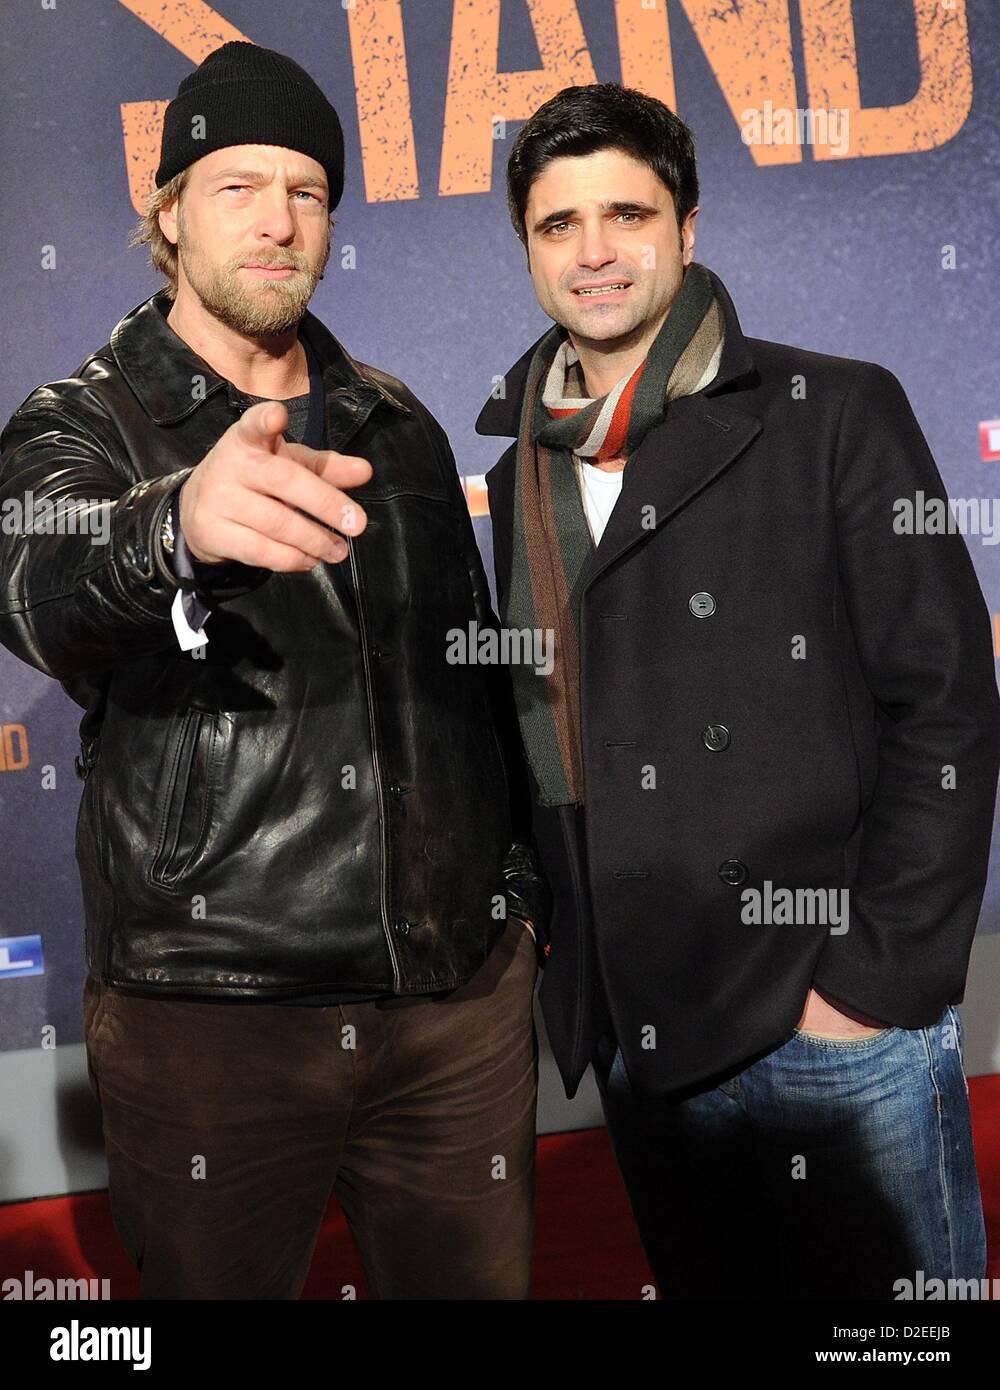 Acteurs Henning Baum (L) et Maximilian Gril venu à la première du film de 'The Last Stand' à Photo Stock